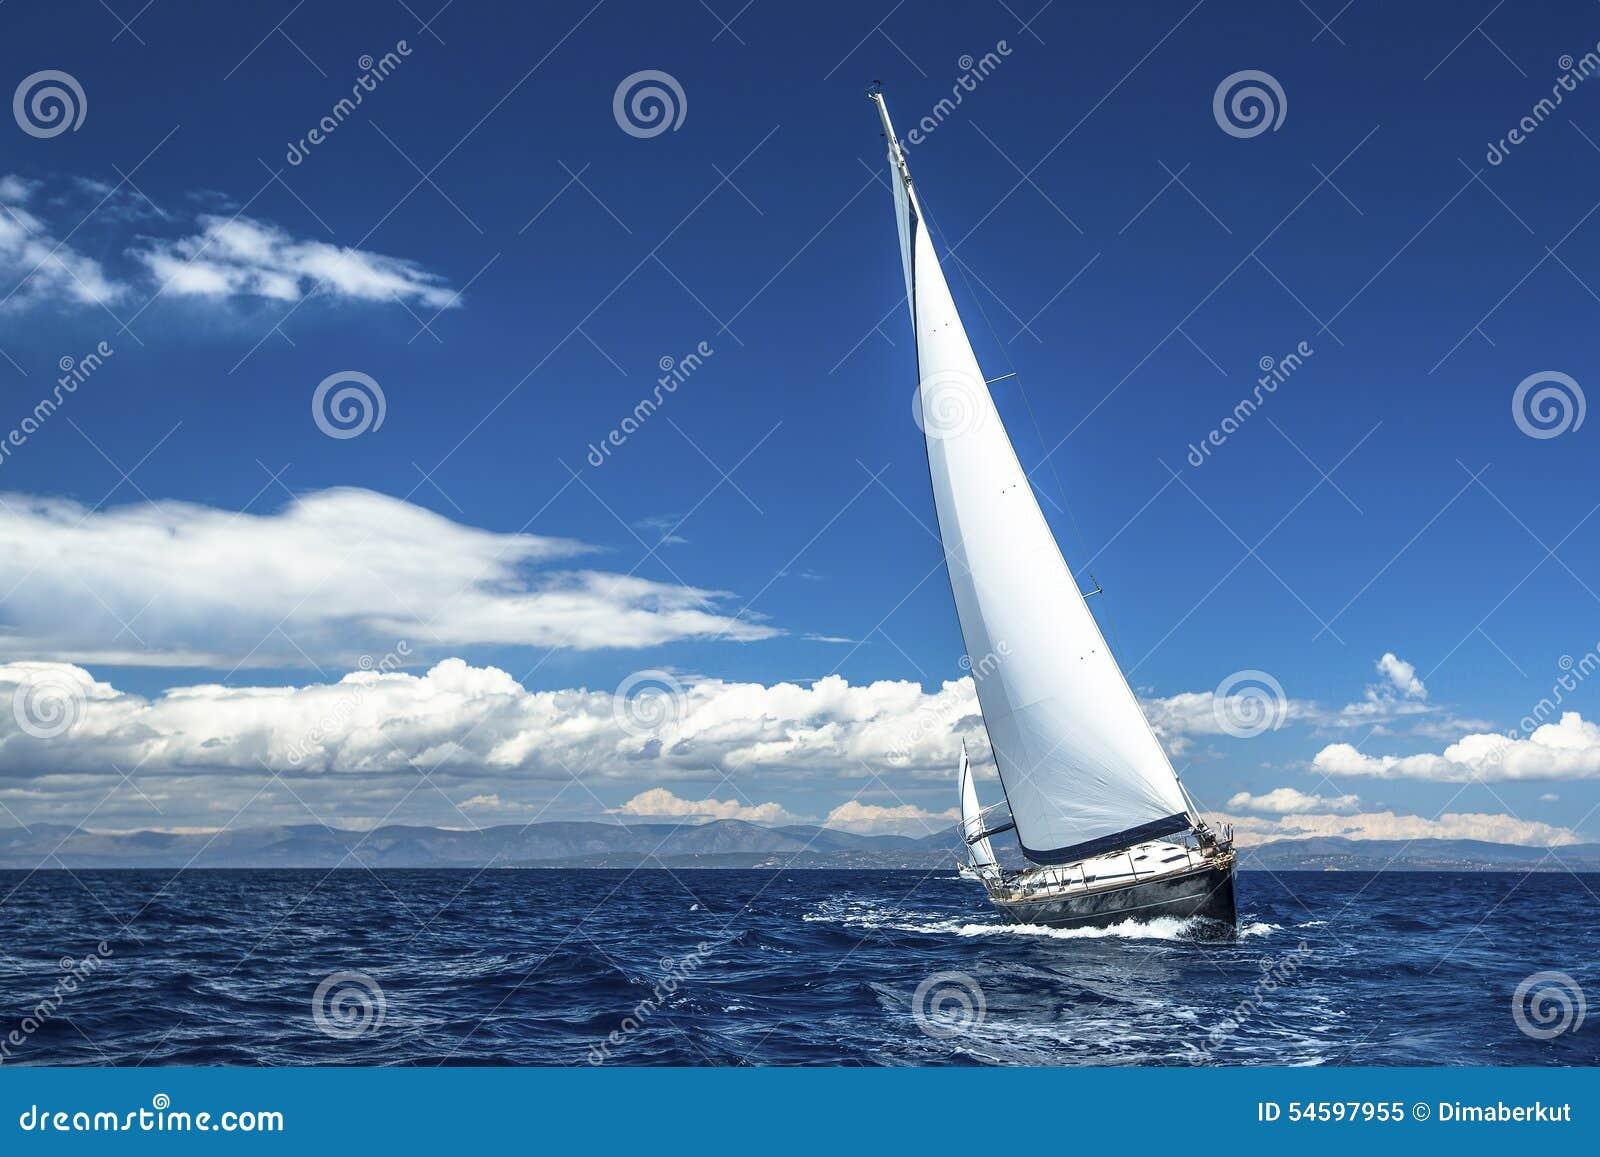 Los veleros participan en regata de la navegación Filas de yates de lujo en el muelle del puerto deportivo